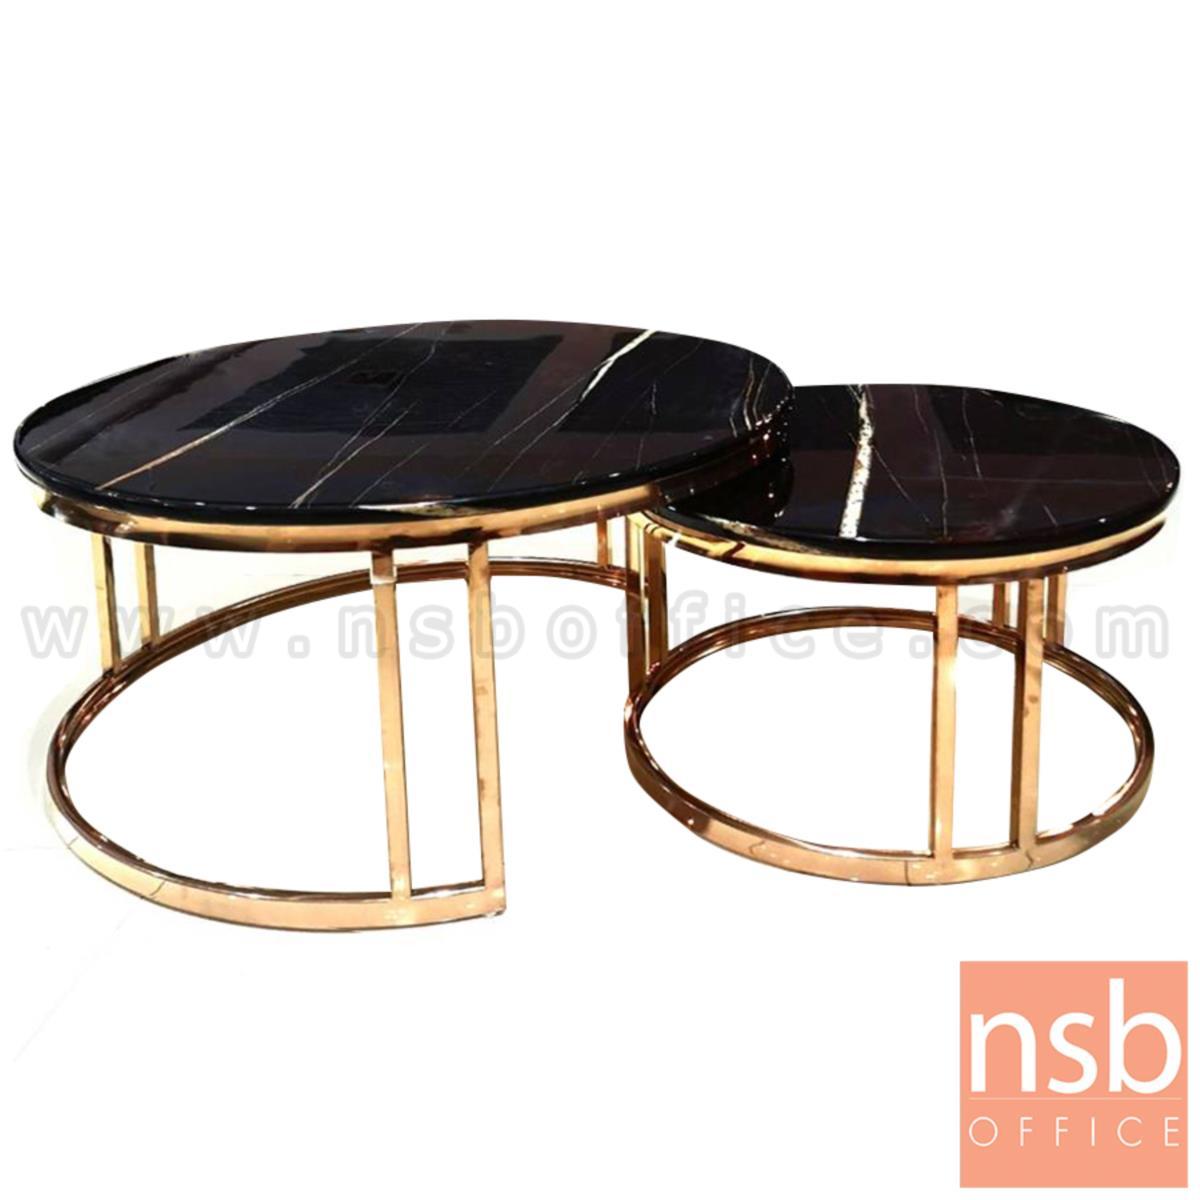 B13A284:โต๊ะกลางหินอ่อน รุ่น Maltese (มอลทีส)  ขาสีพิ้งค์โกลด์